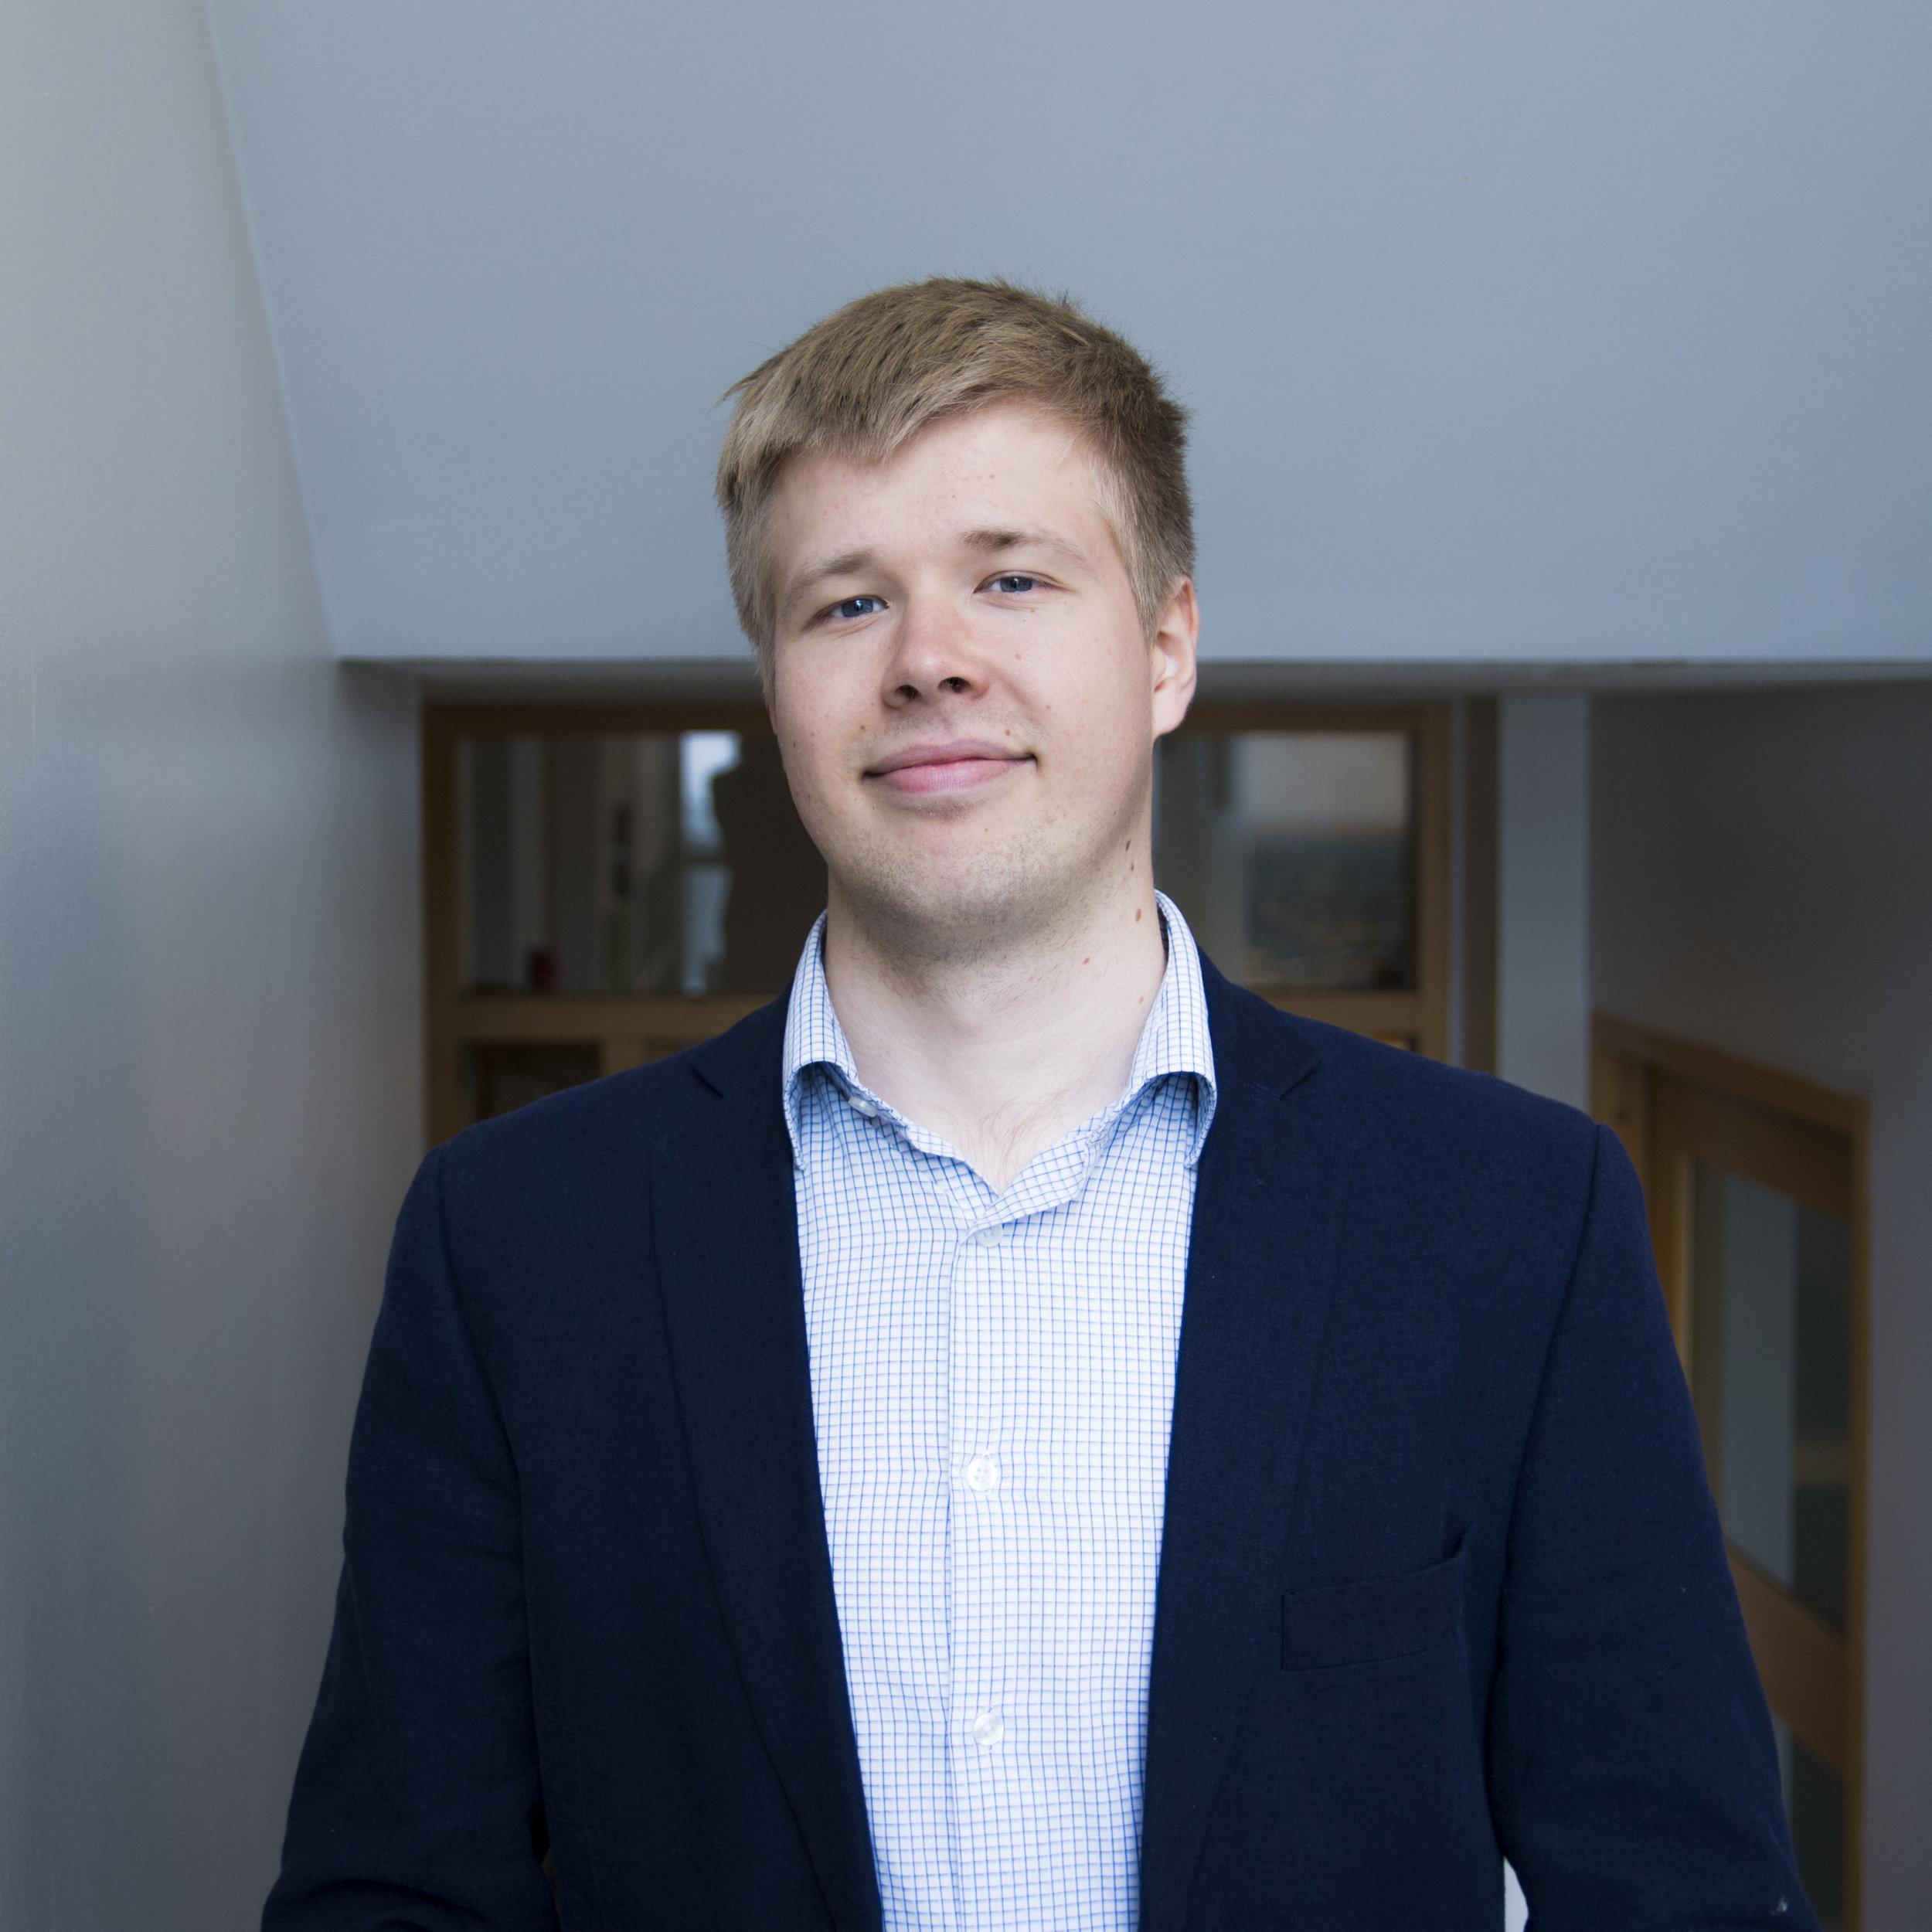 Picture by Laura Hämäläinen